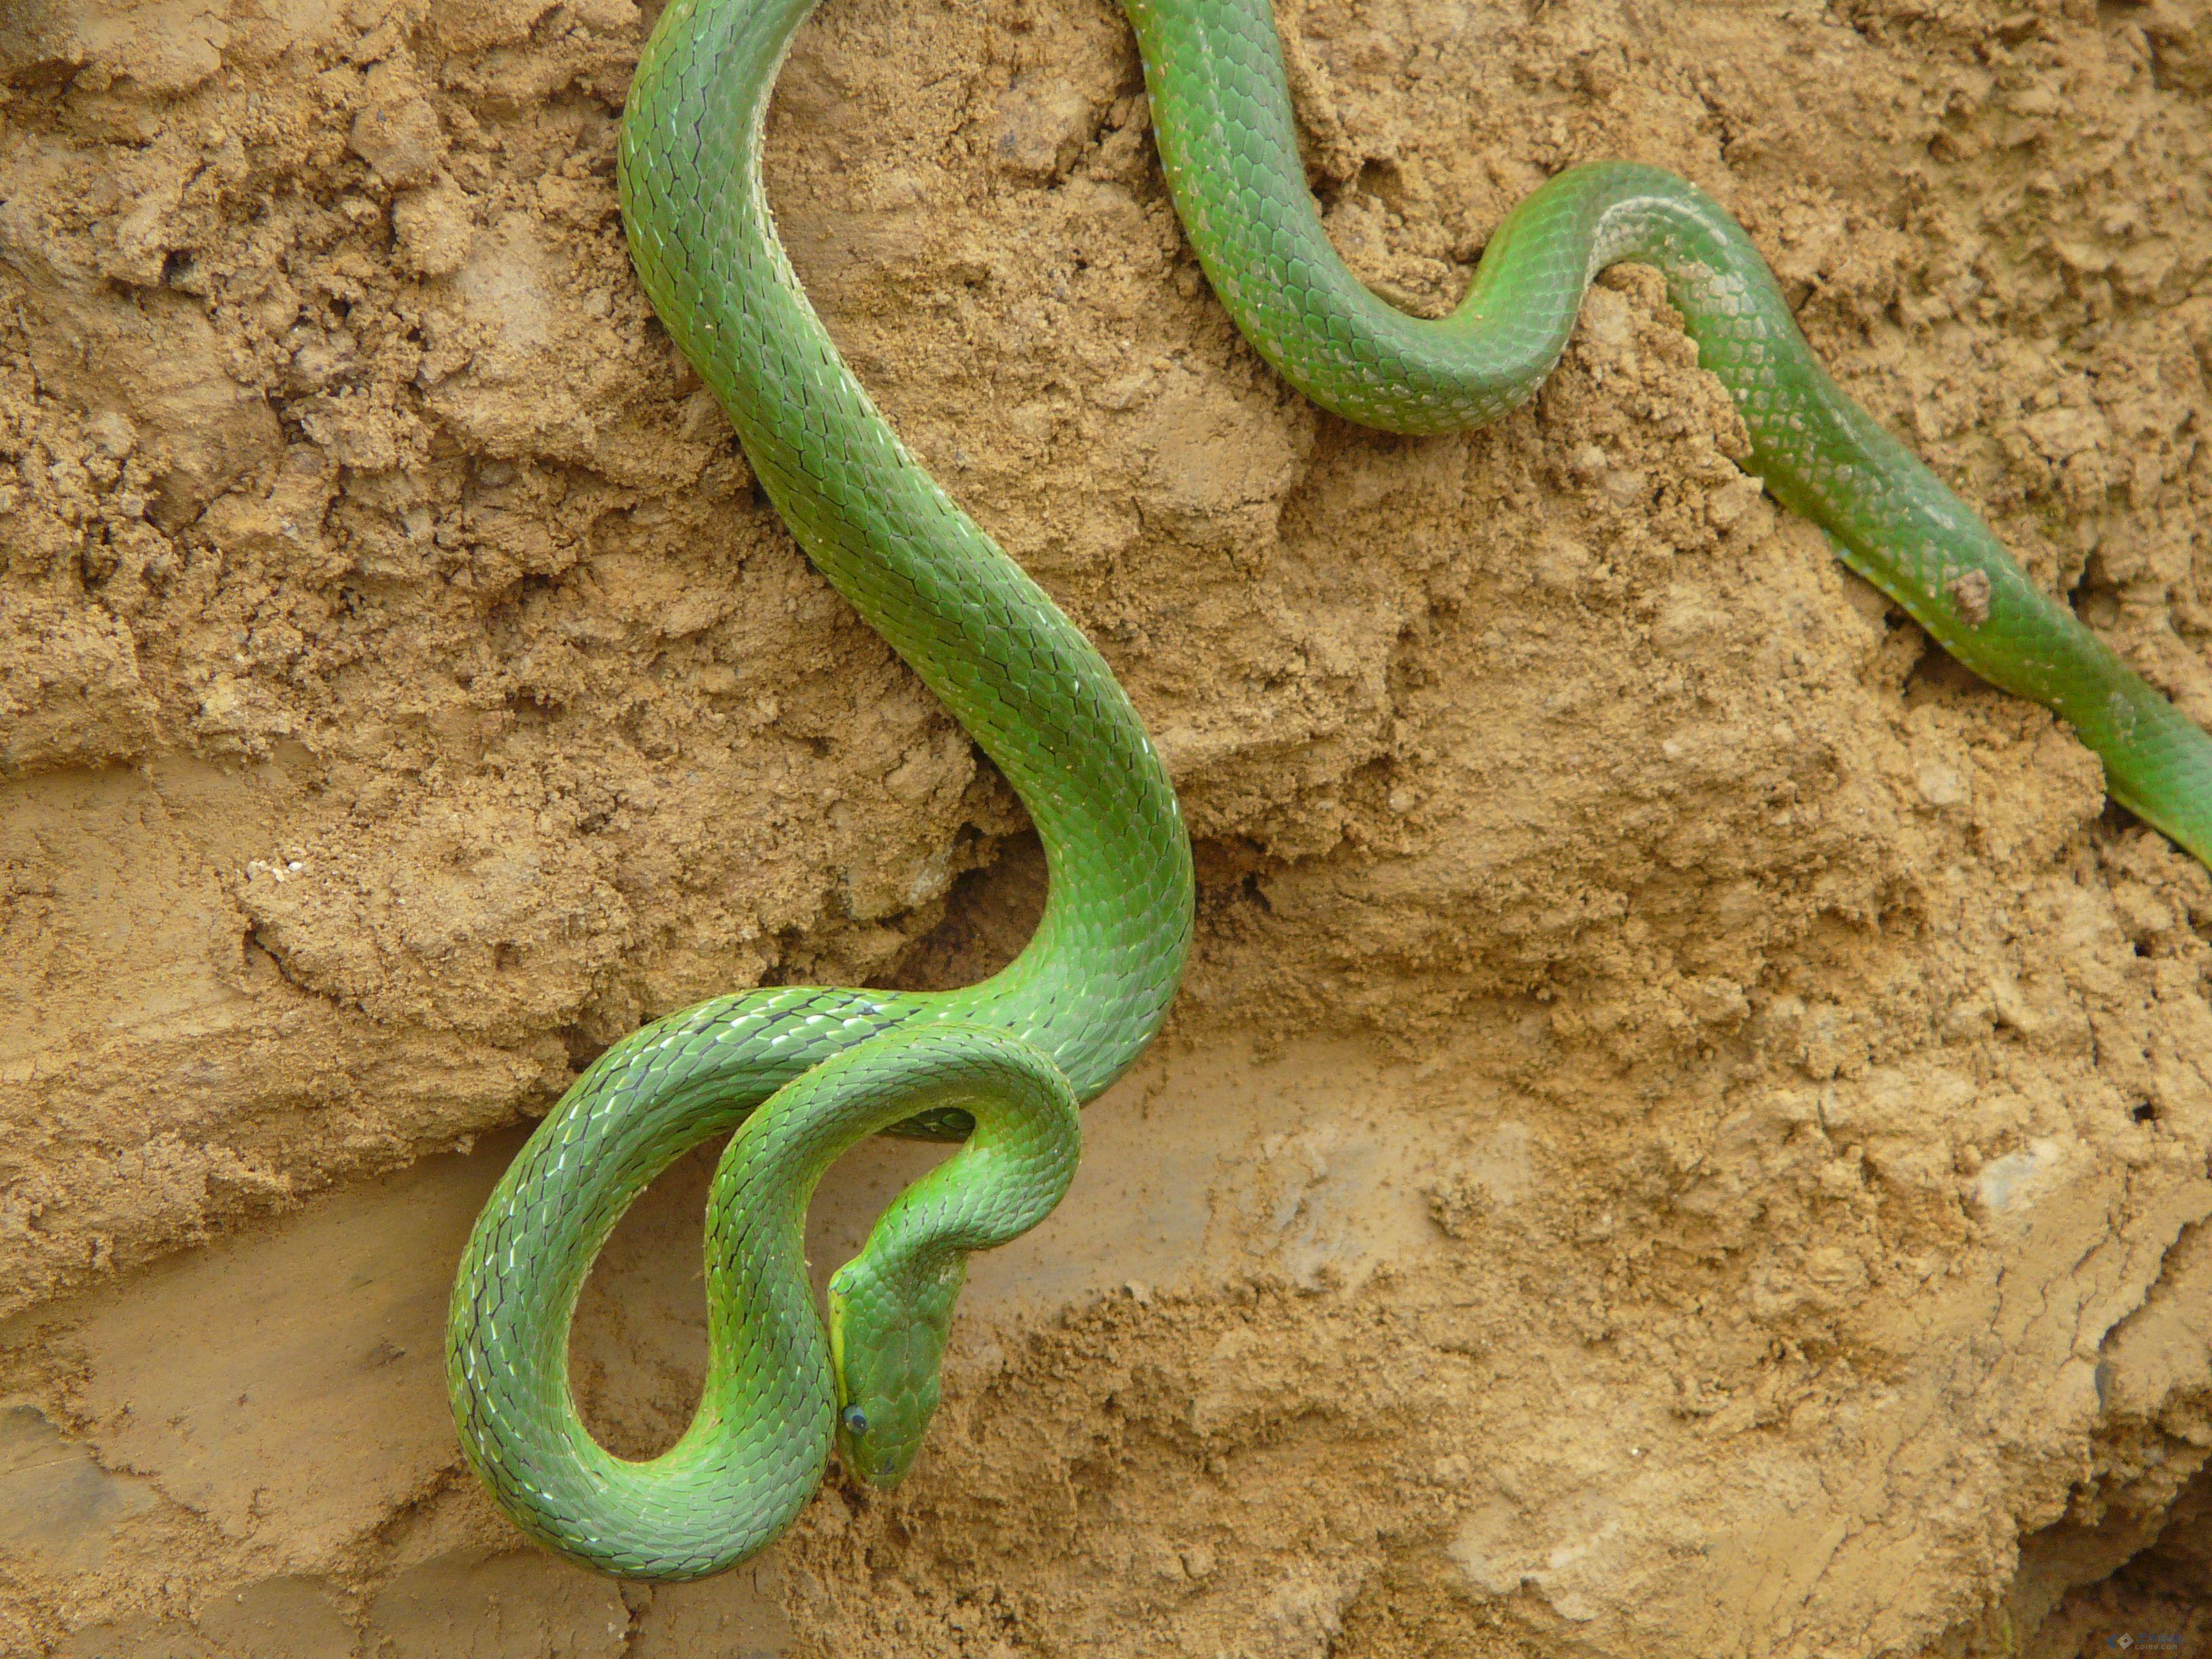 什么蛇?有没有毒?图片1